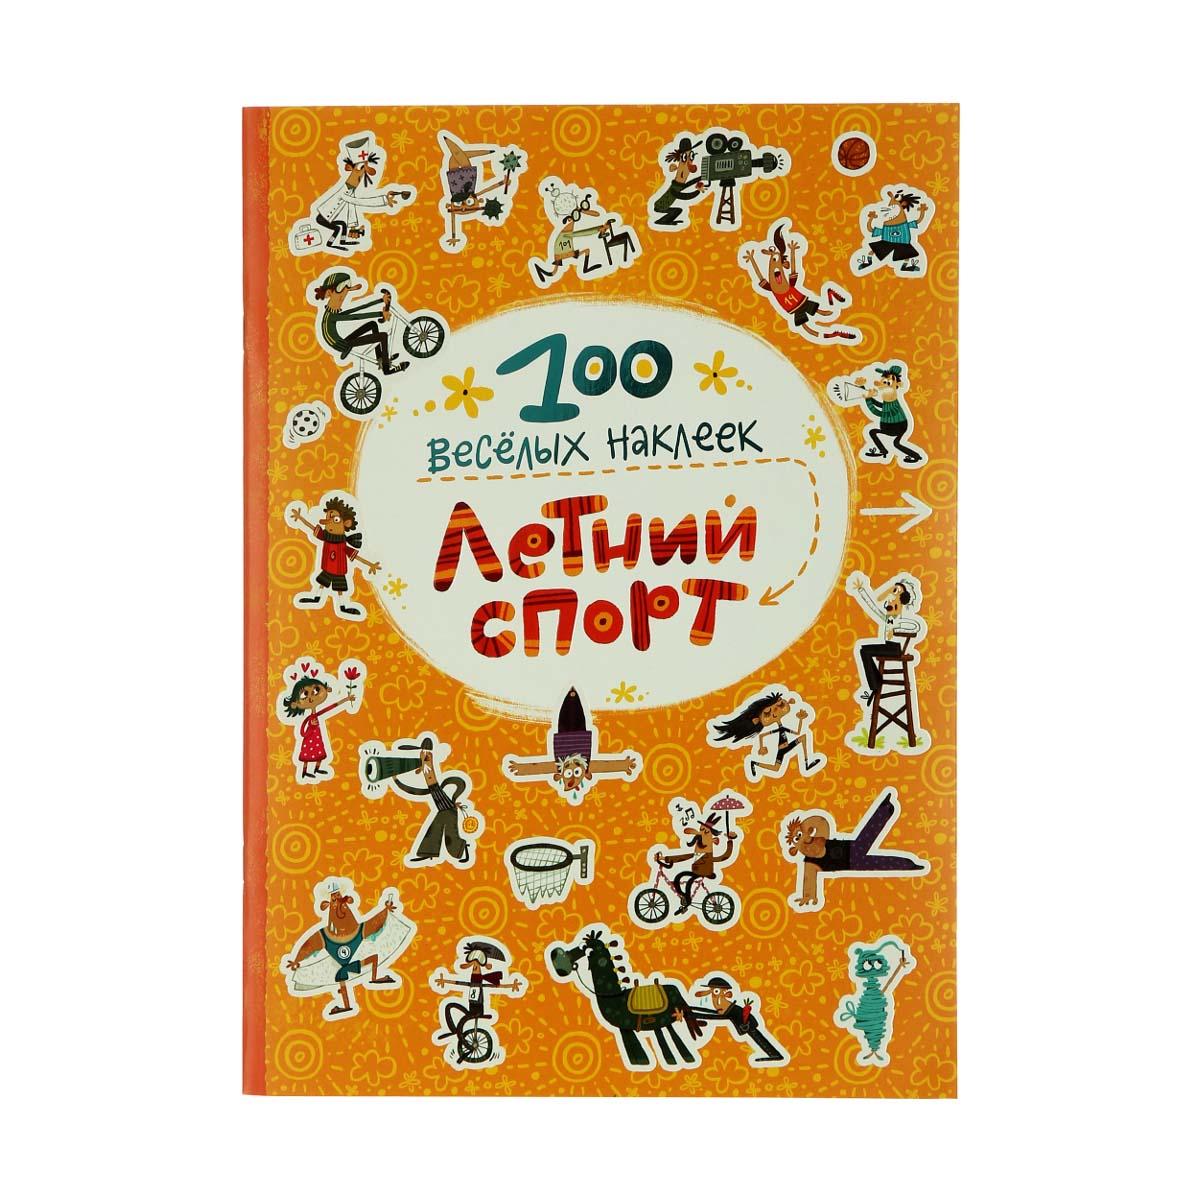 Книга 100 веселых наклеек  Летний спорт - РАЗВИВАЕМ МАЛЫША, артикул: 172128